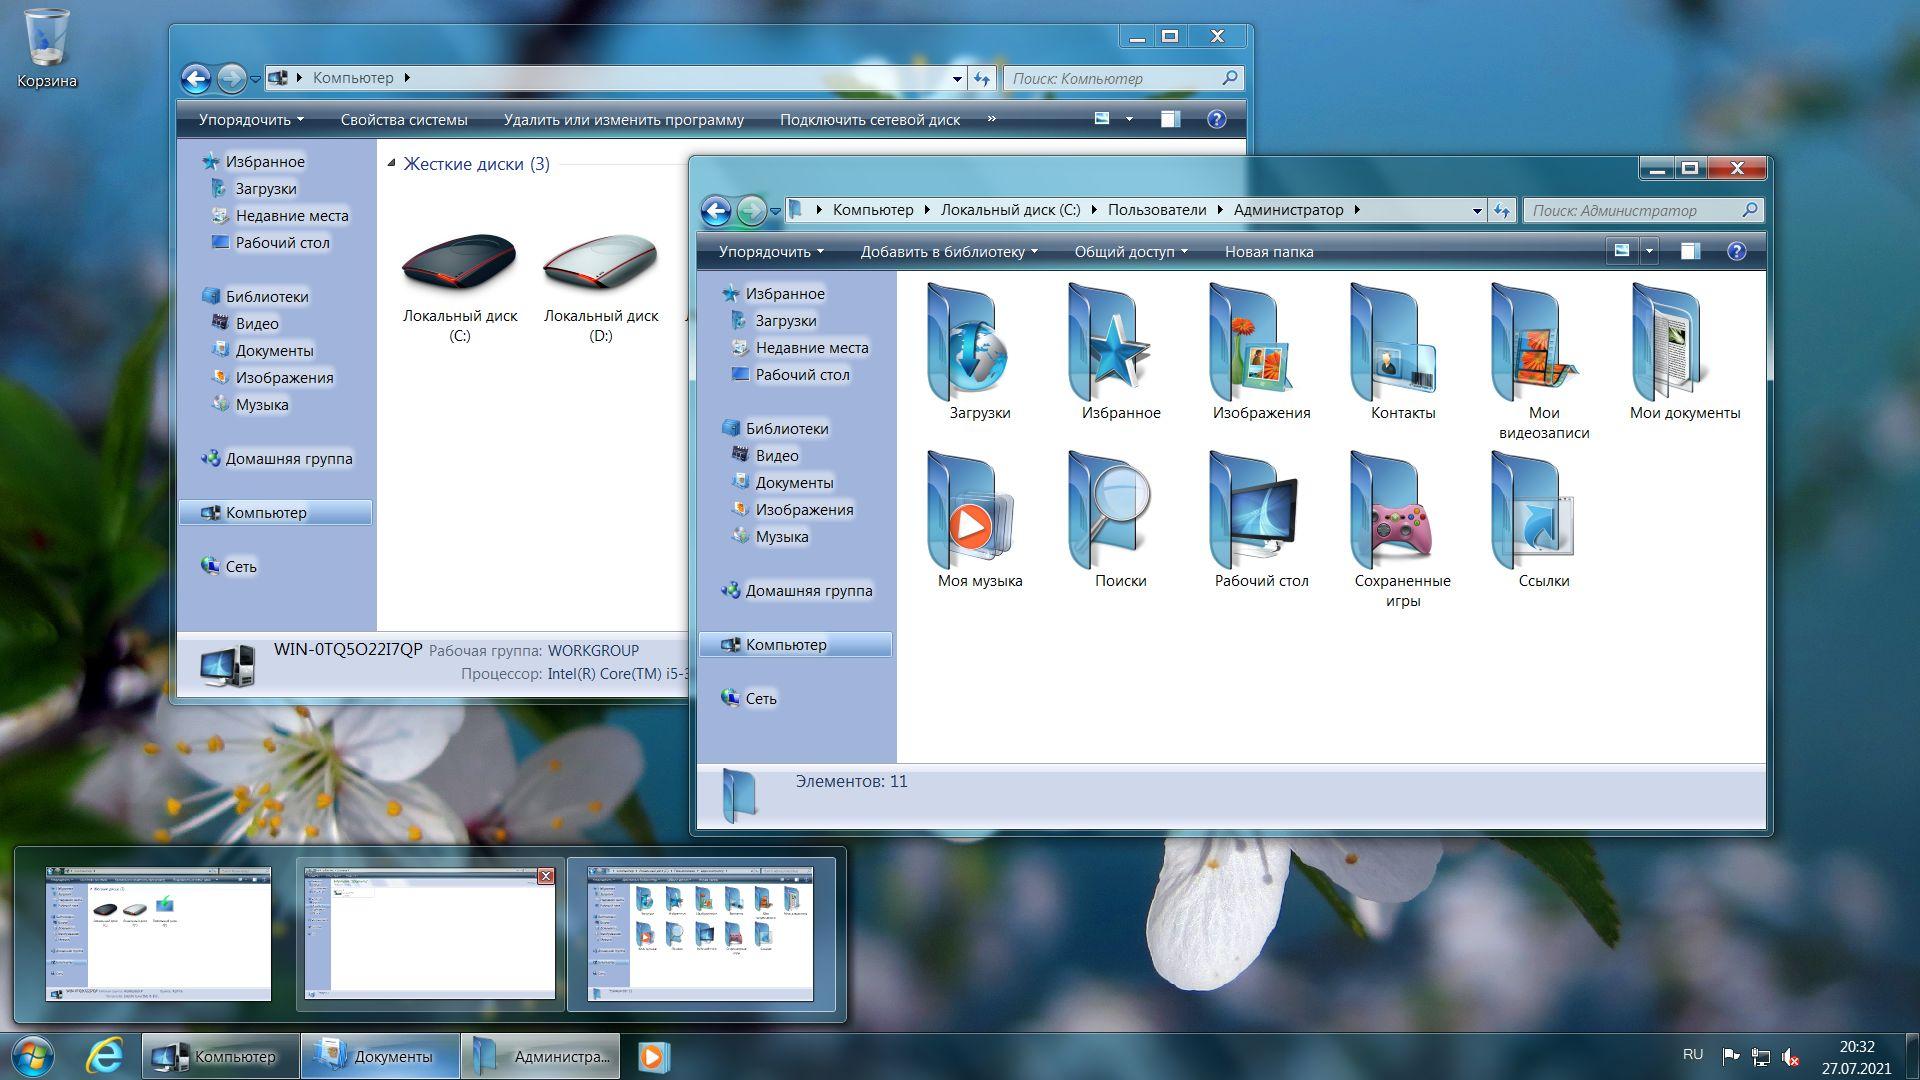 Windows 7 Enterprise SP1 x64 RU [GX 28.07.21] by geepnozeex (G.M.A)